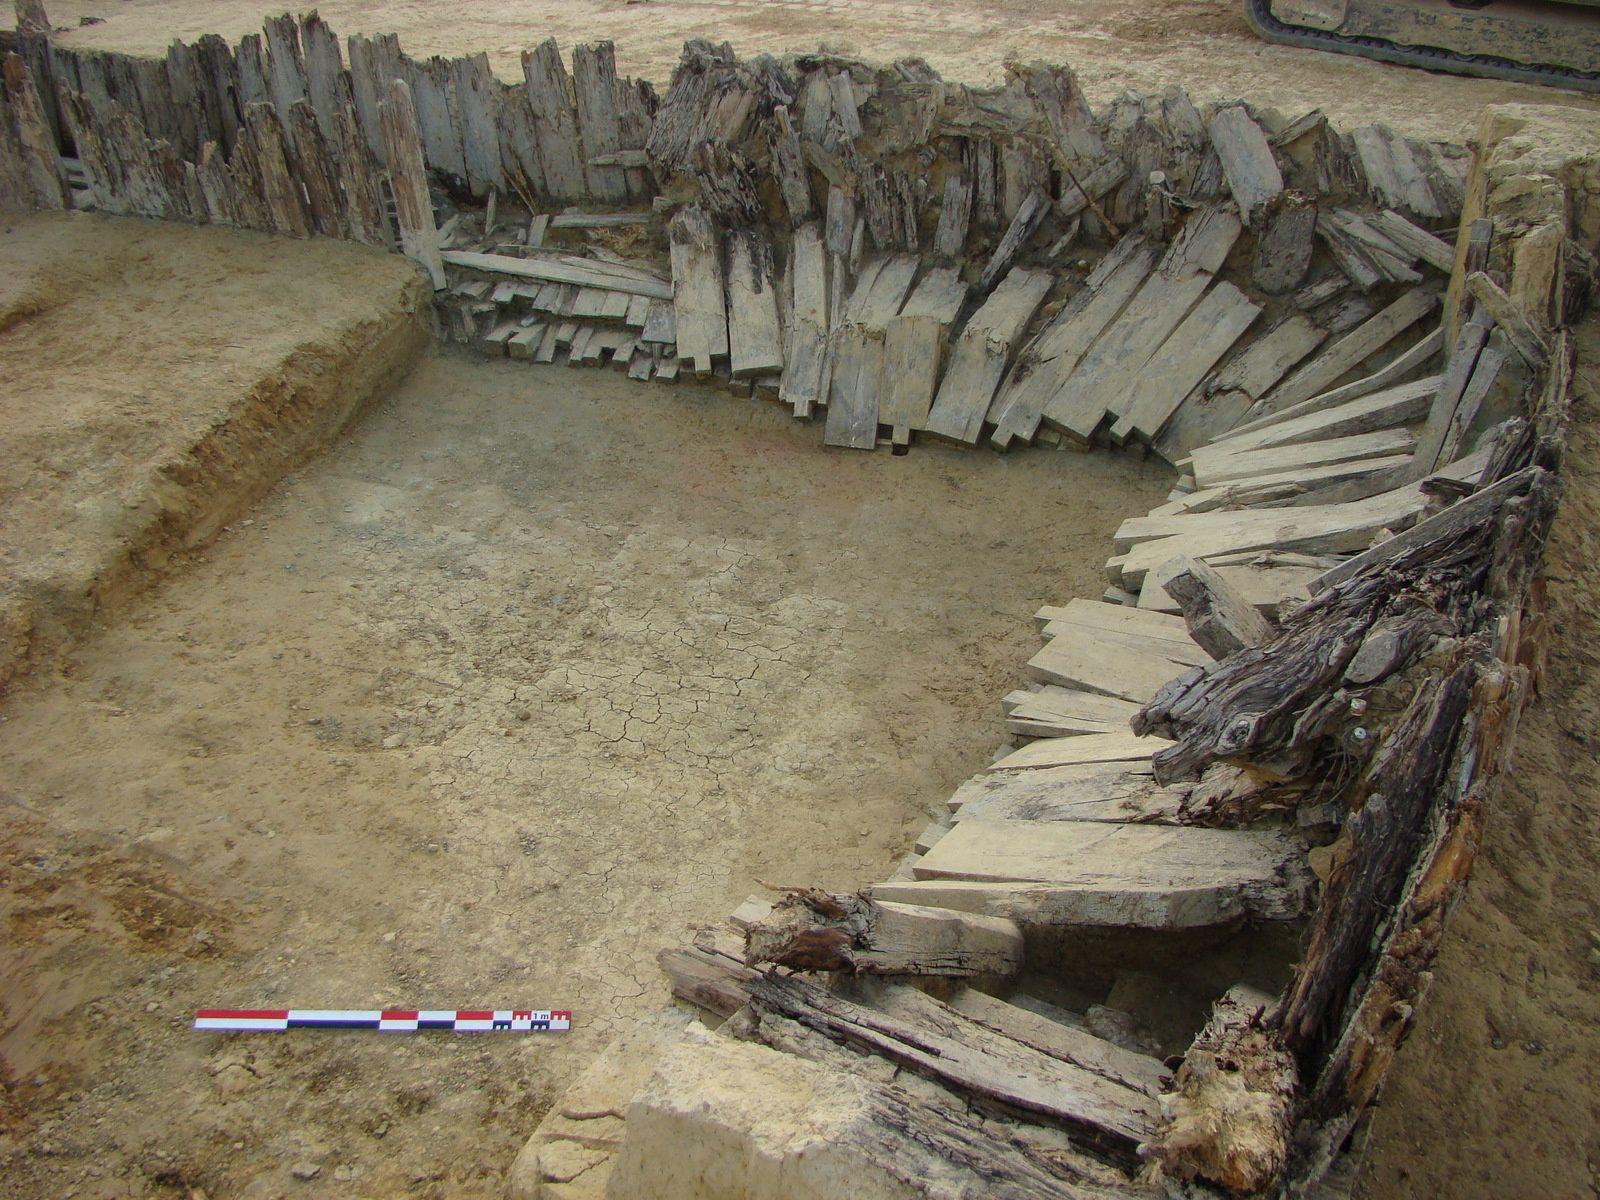 Tronçon effondré de la galerie. Les techniques de construction sont comparables à celles employées dans les mines avec assemblage de pièces de bois au moyen de tenons et de mortaises. (© Mathias Higelin, PAIR)